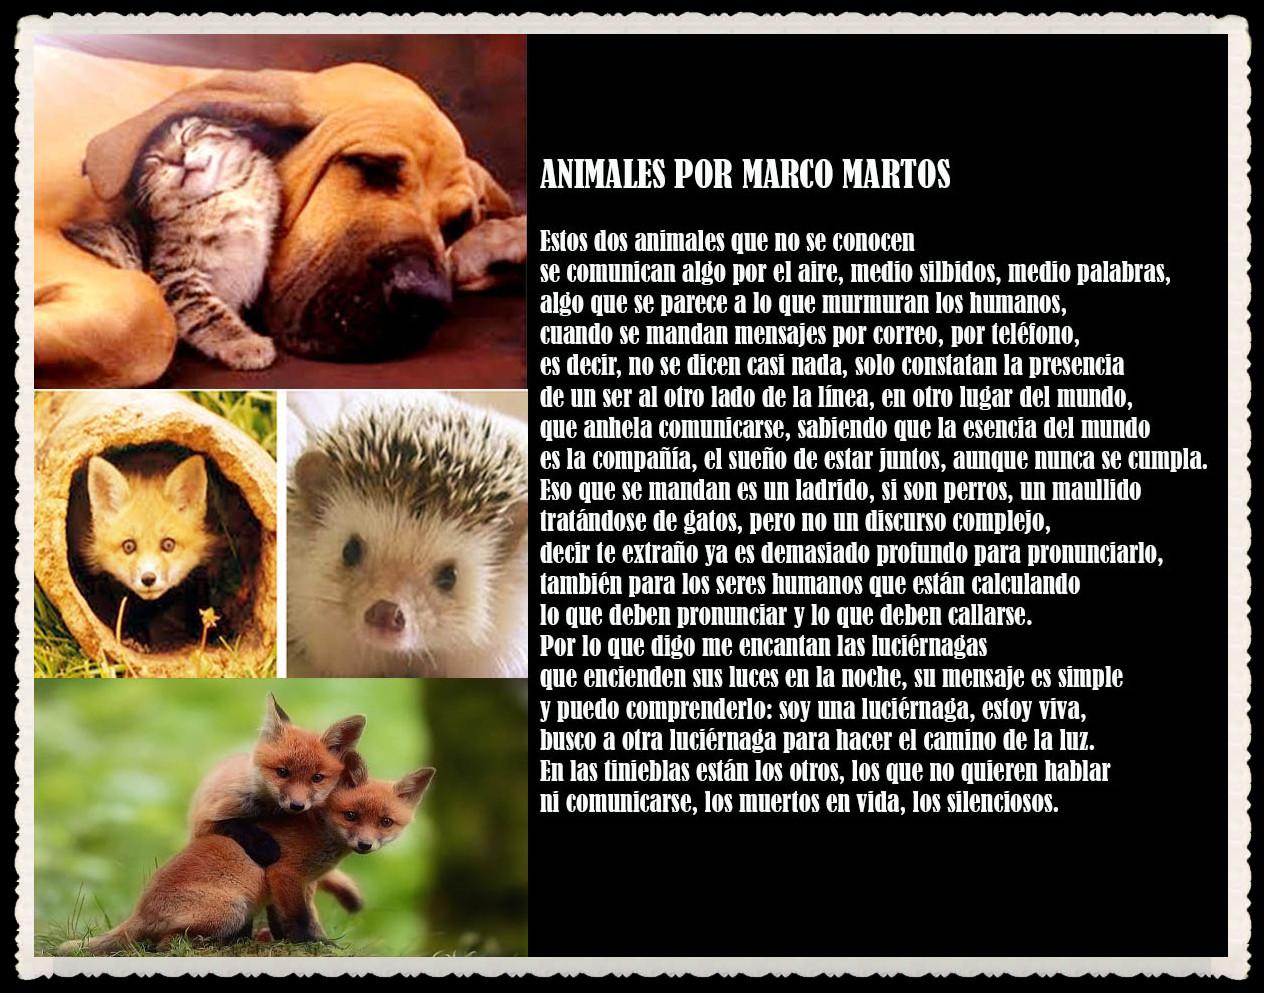 POEMA : ANIMALES POR MARCO MARTOS